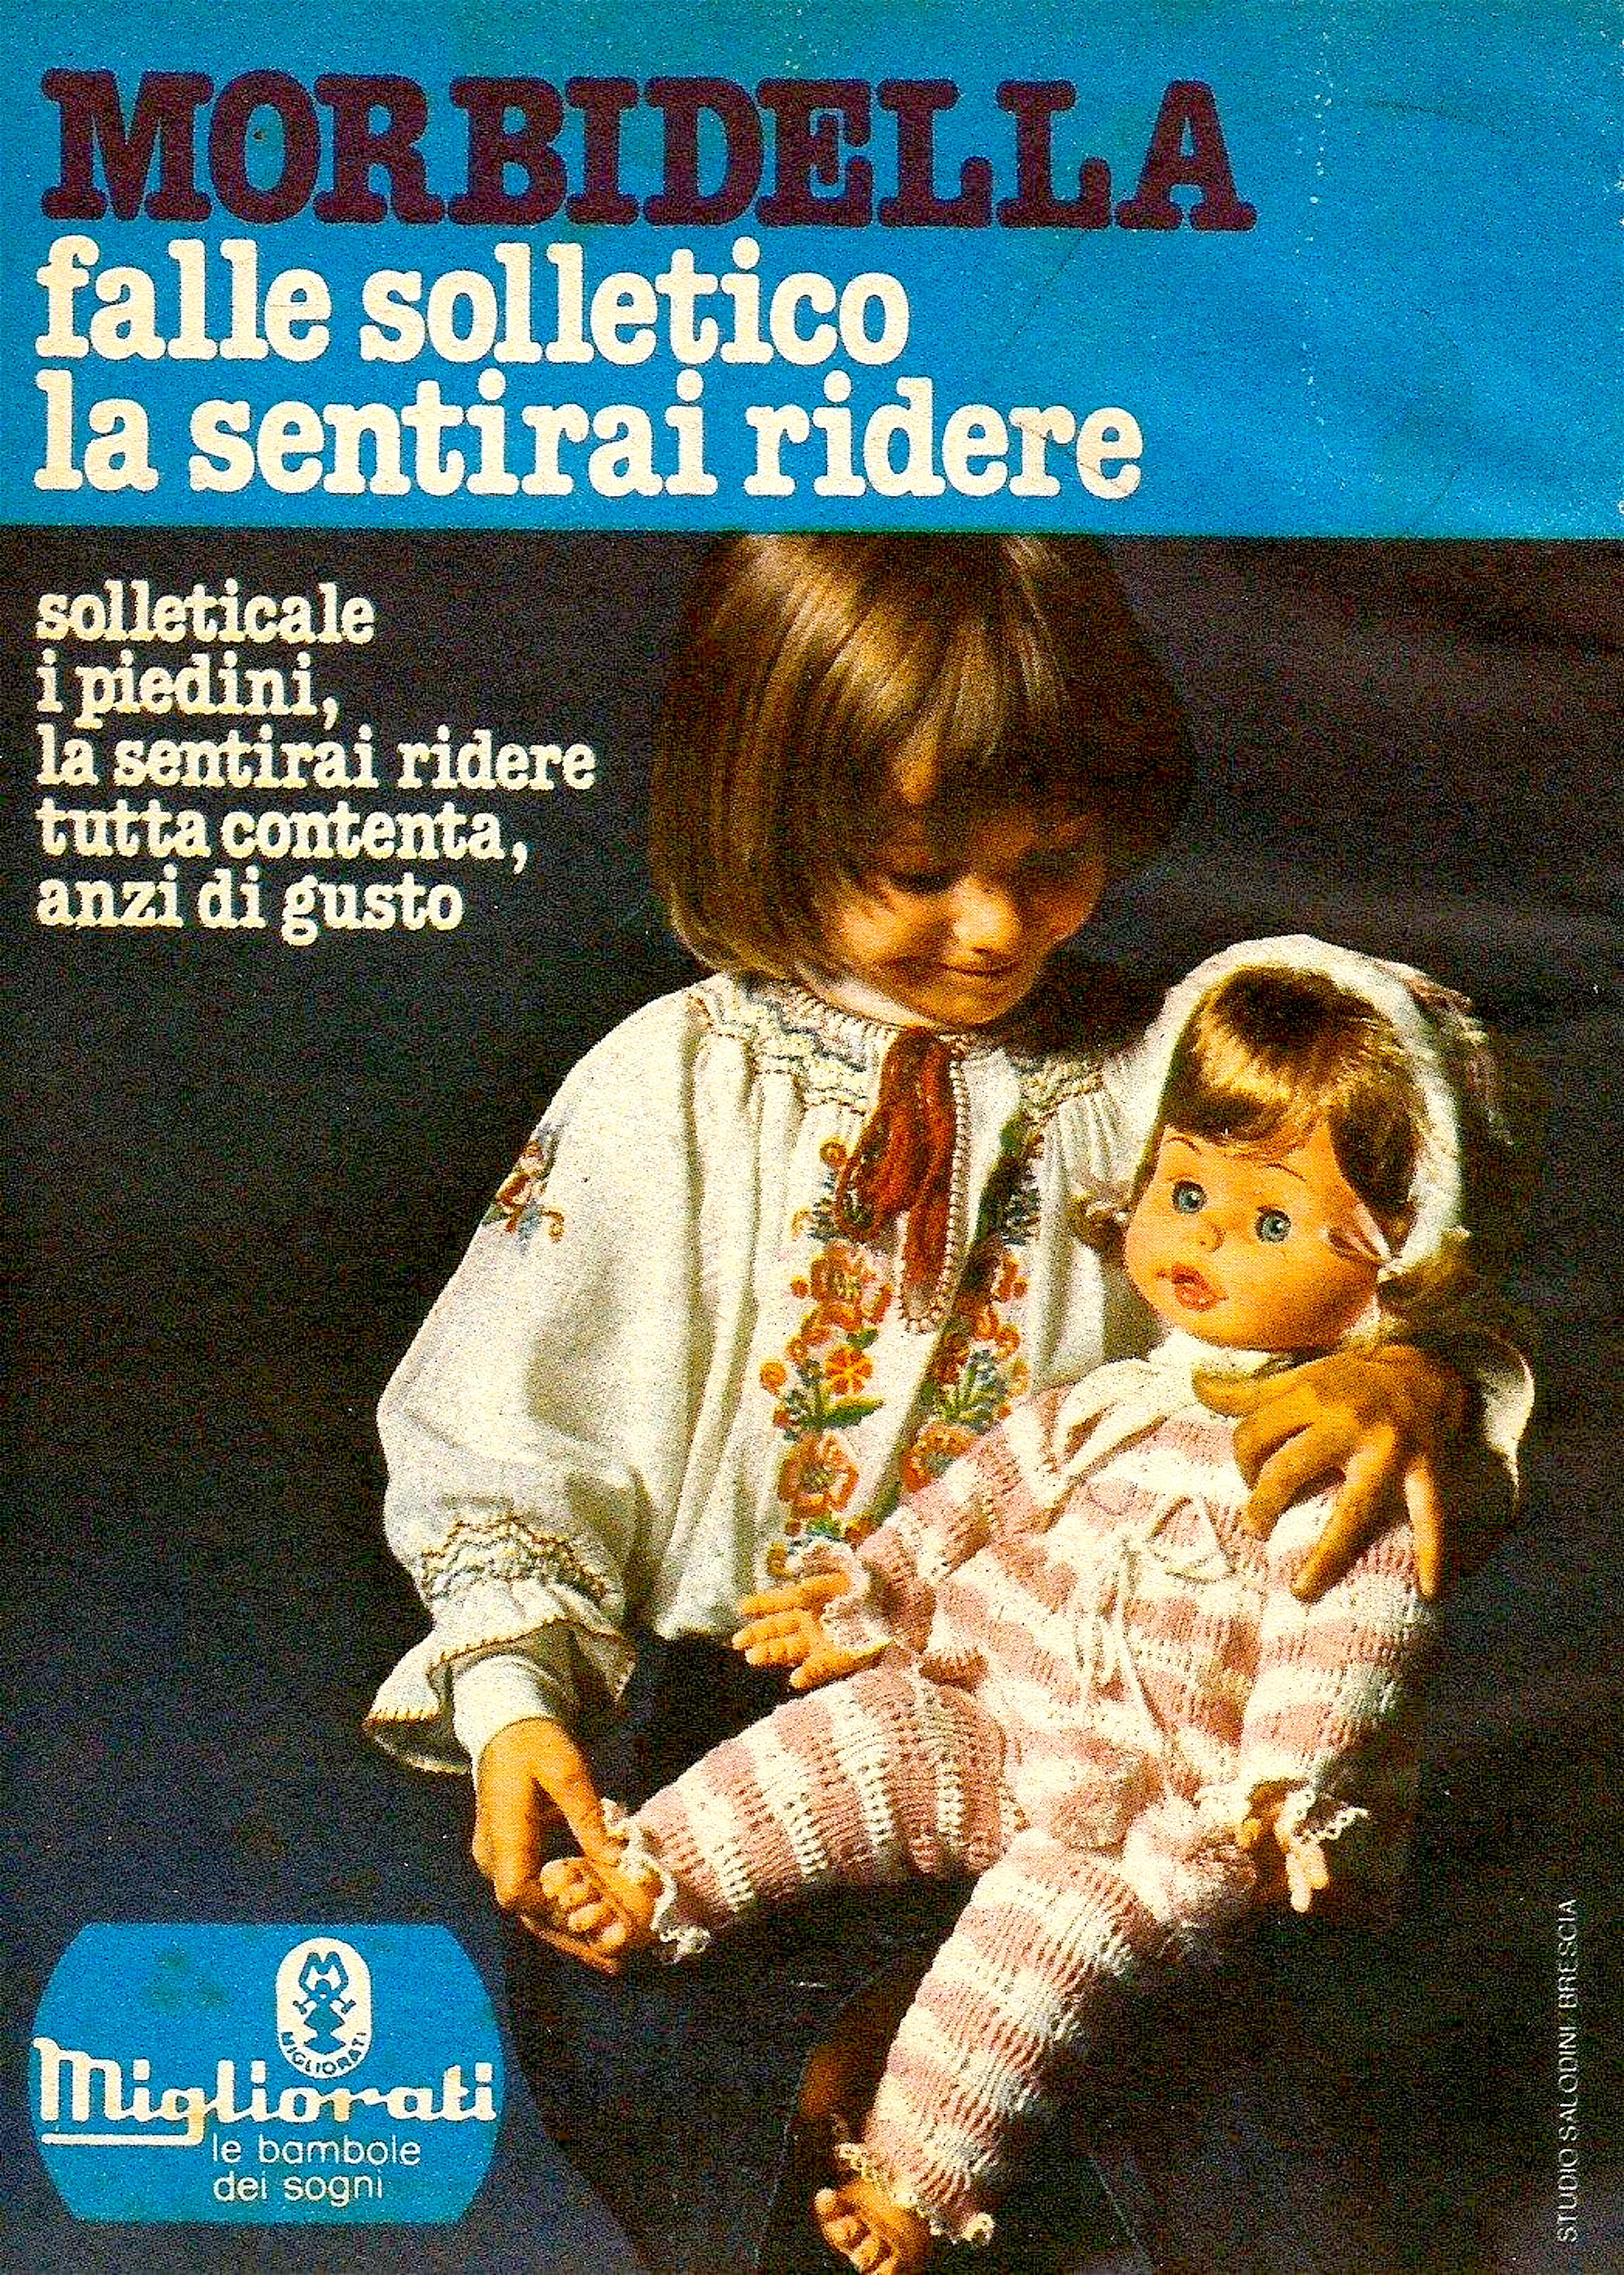 bambole_migliorati_pubblictà_vintage_anni_70